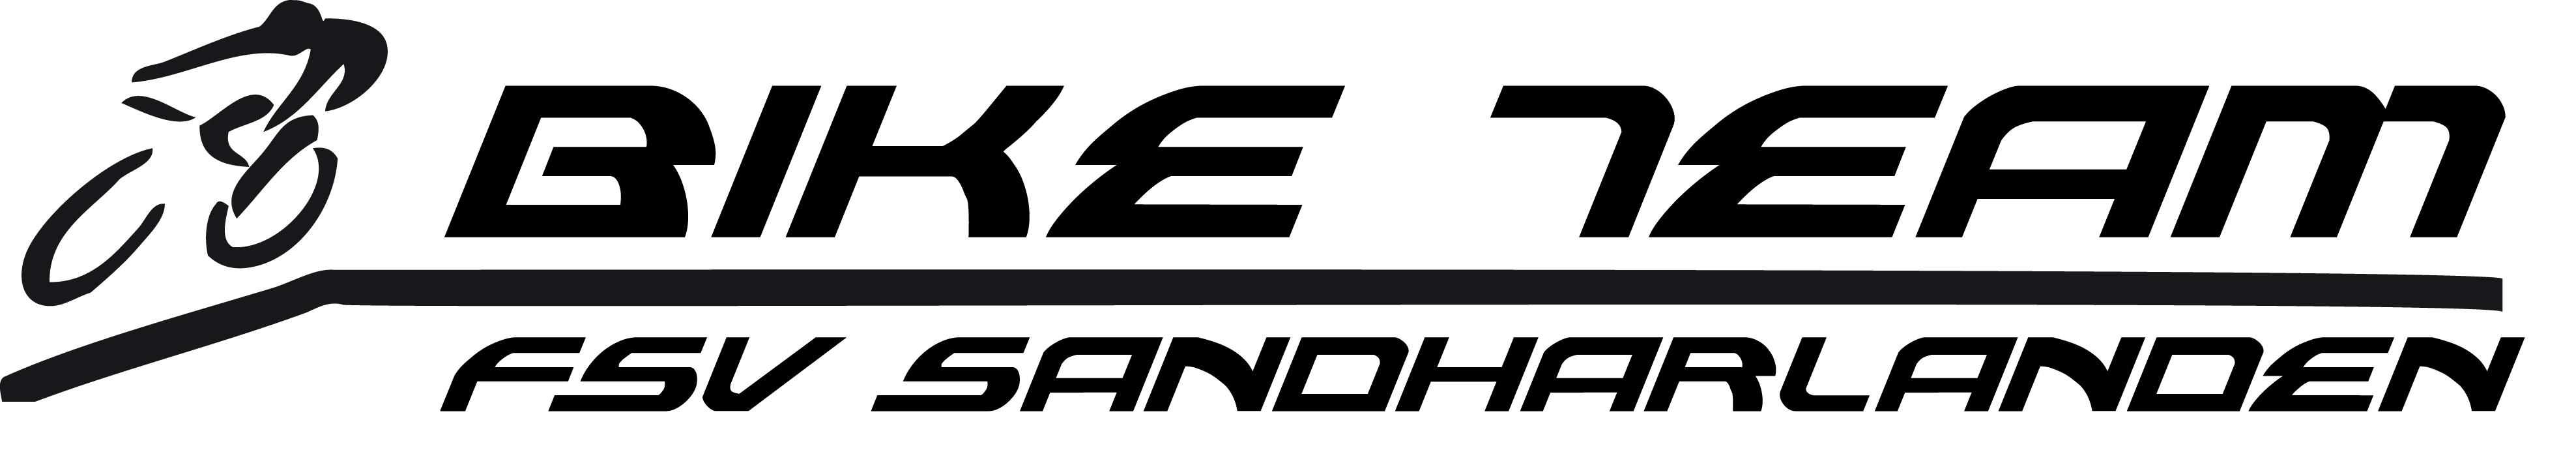 Fsv Skiclub Bike Team